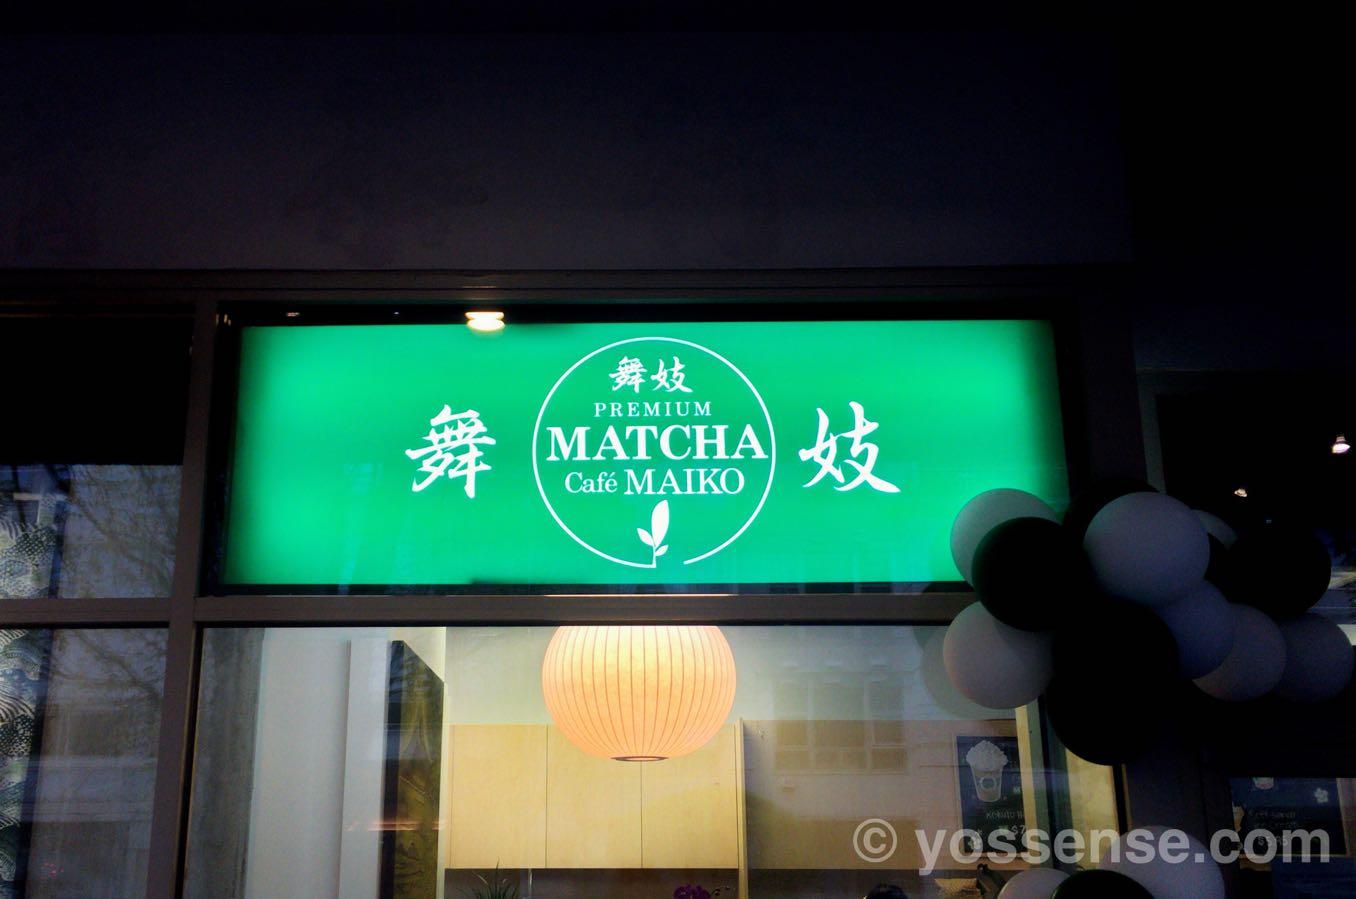 抹茶カフェ舞妓リッチモンド店の看板